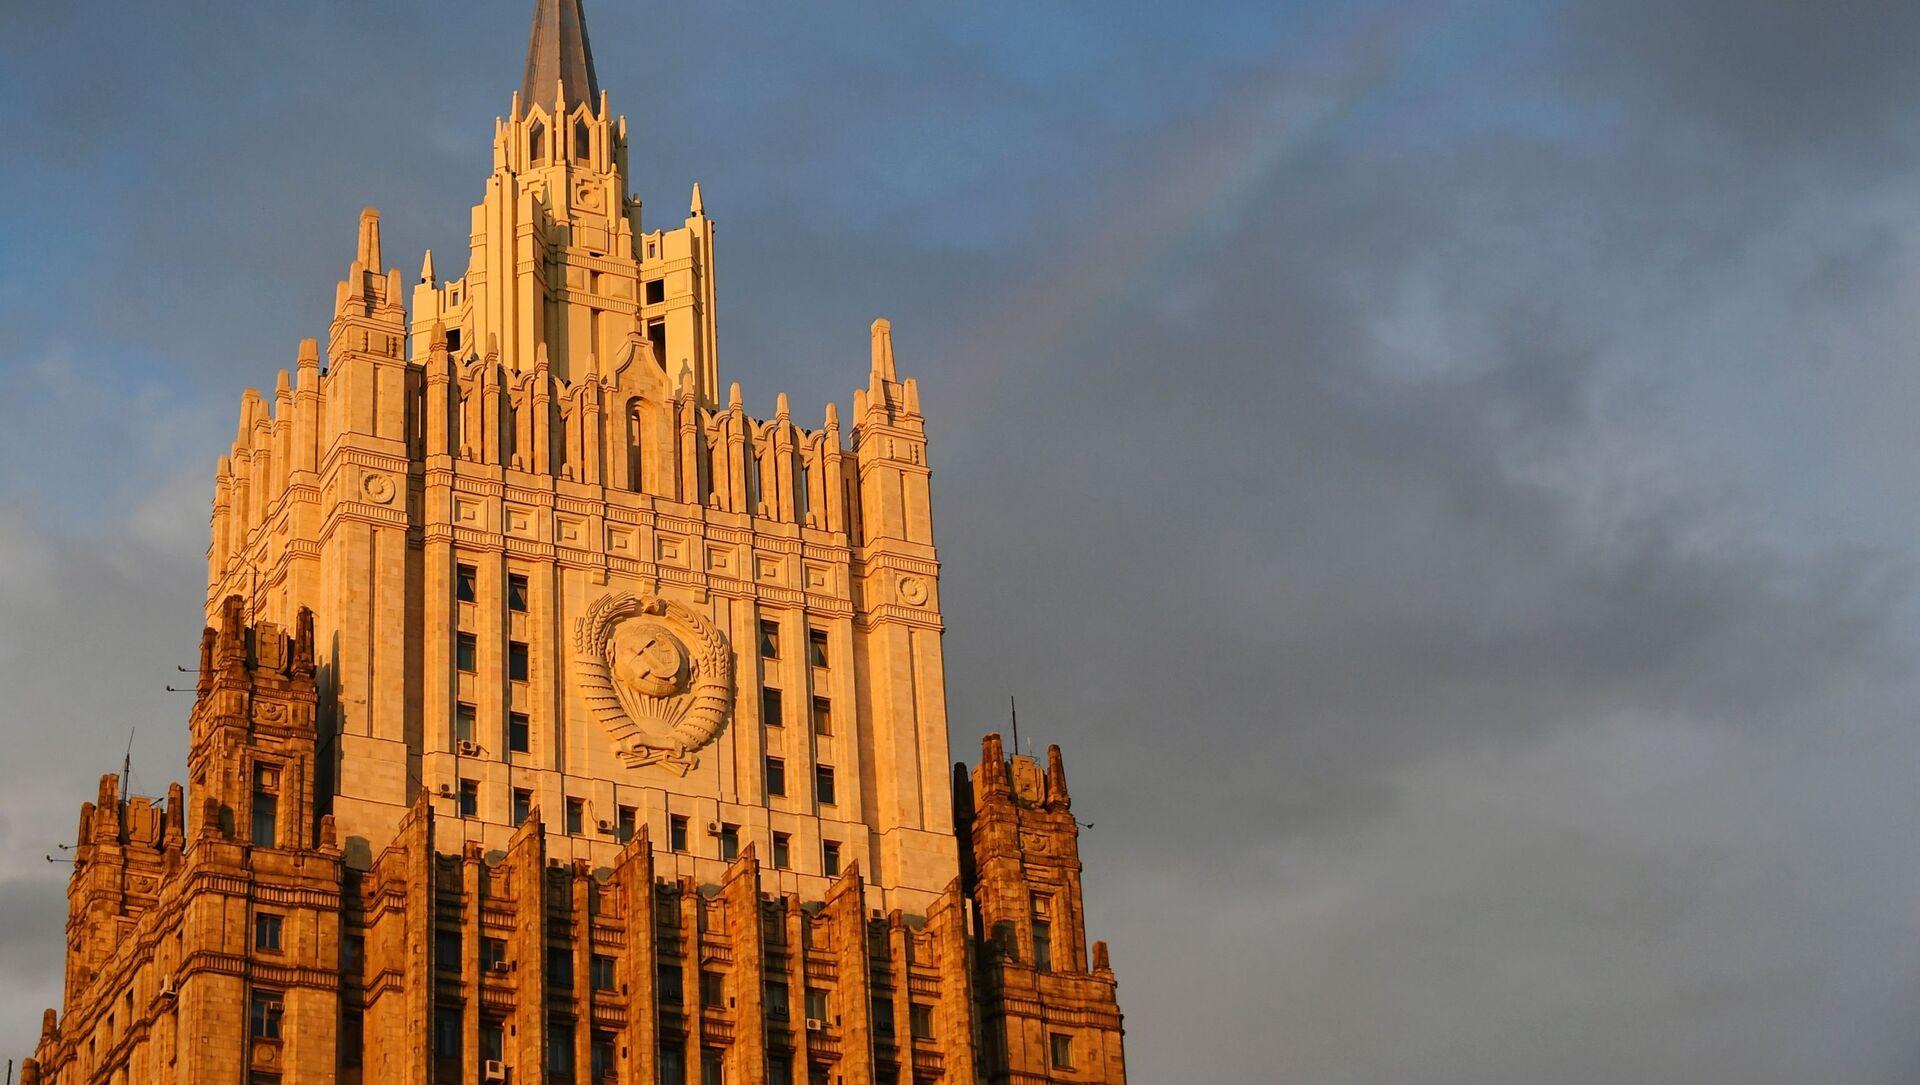 ロシア イタリア大使館職員を国外追放 - Sputnik 日本, 1920, 26.04.2021